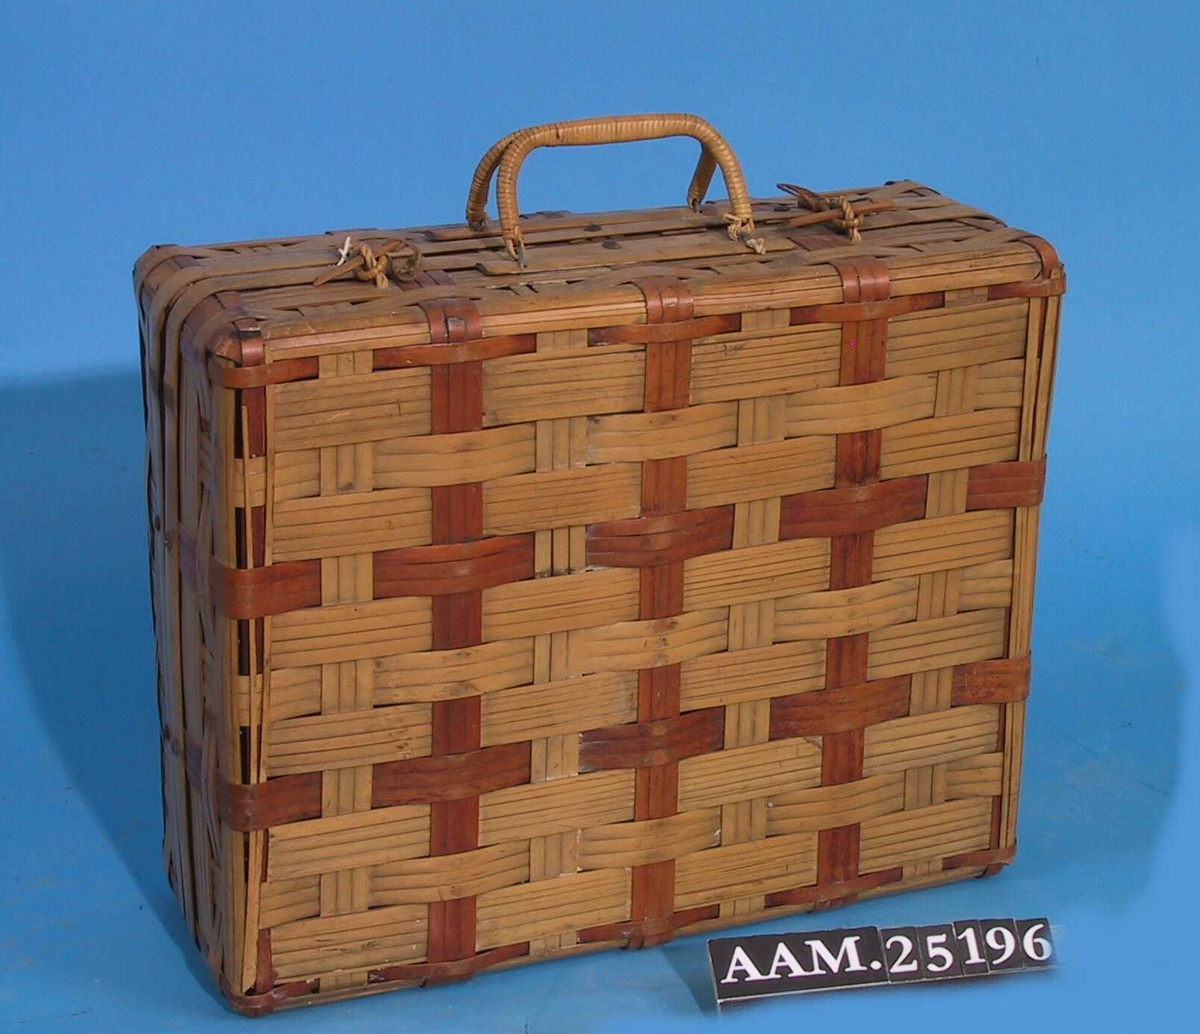 Koffert av bambus. Flettet av splittet bambus av bredder varierende mellom 0.3 cm til 2.3 cm. Bambusen er av to farger som danner mønster.  Avlangt, rett avsluttet på to sider. Skådd kant.